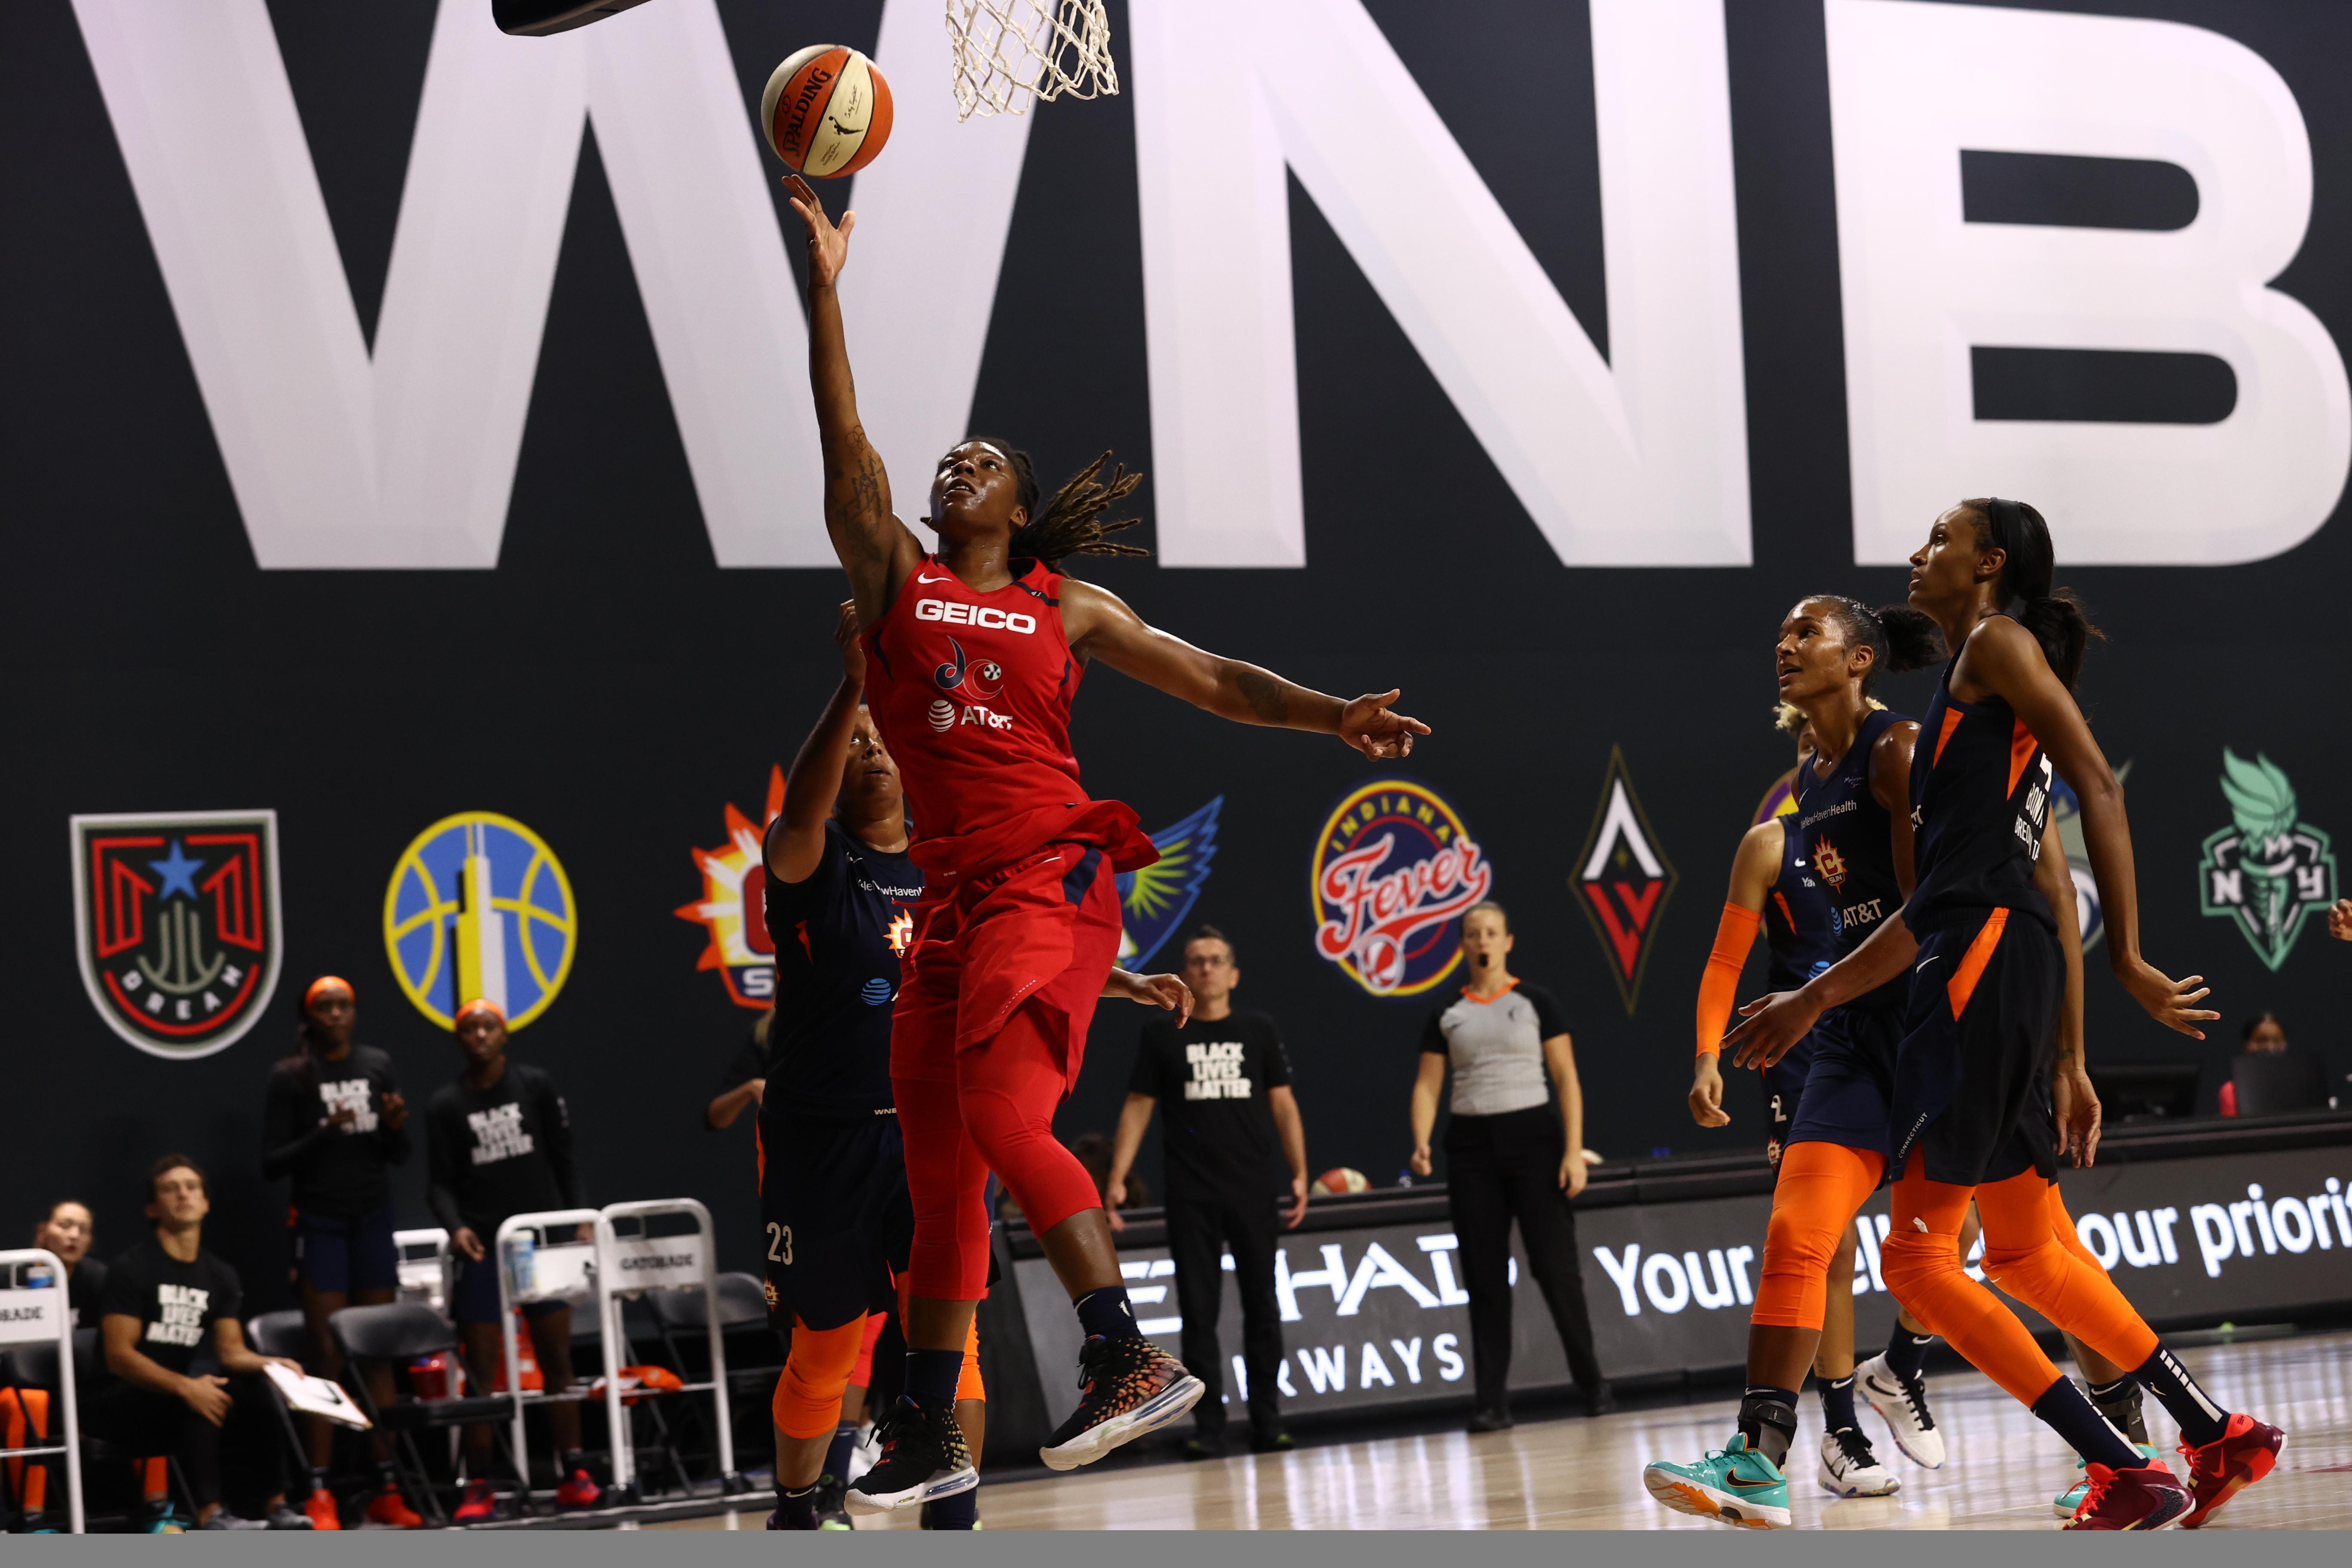 2020年7月28日,在佛罗里达州棕榈城的菲尔德娱乐中心,华盛顿神秘队的Myisha Hines-Allen对着康涅狄格太阳队投球。